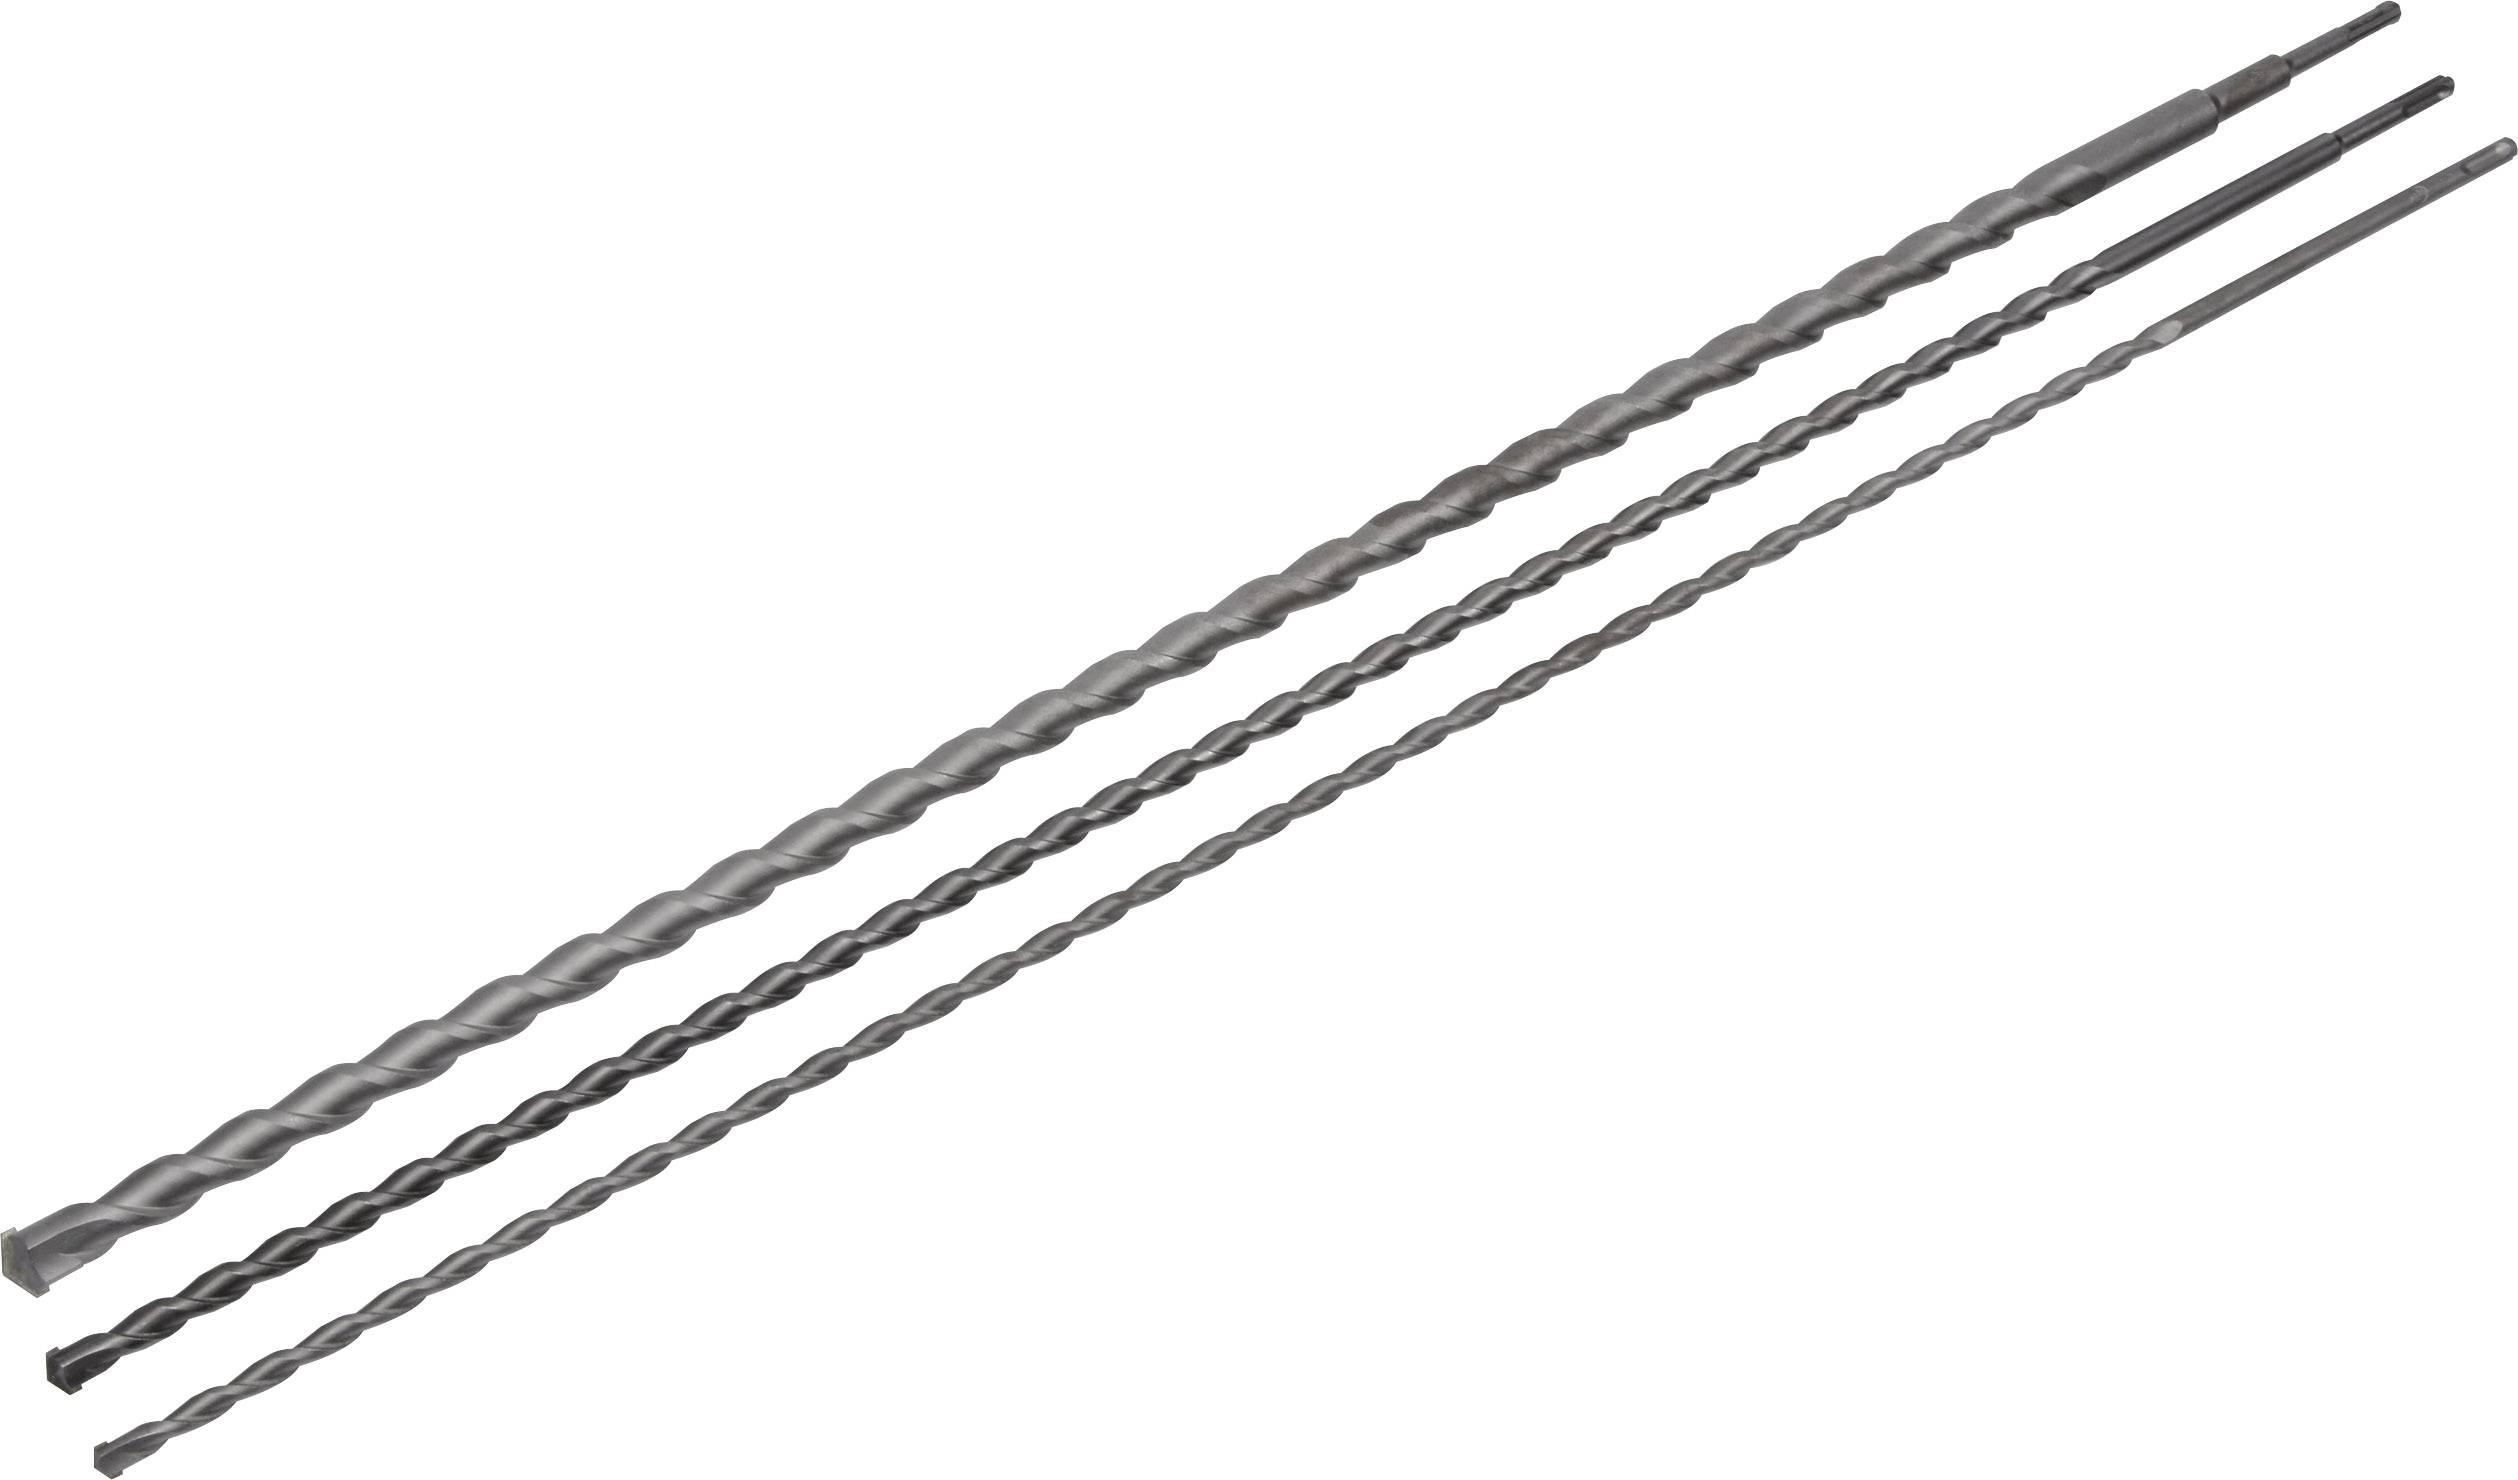 Wolfcraft Durchbruchbohrer Hartmetall Ø 12 x 600 mm Sechskantschaft